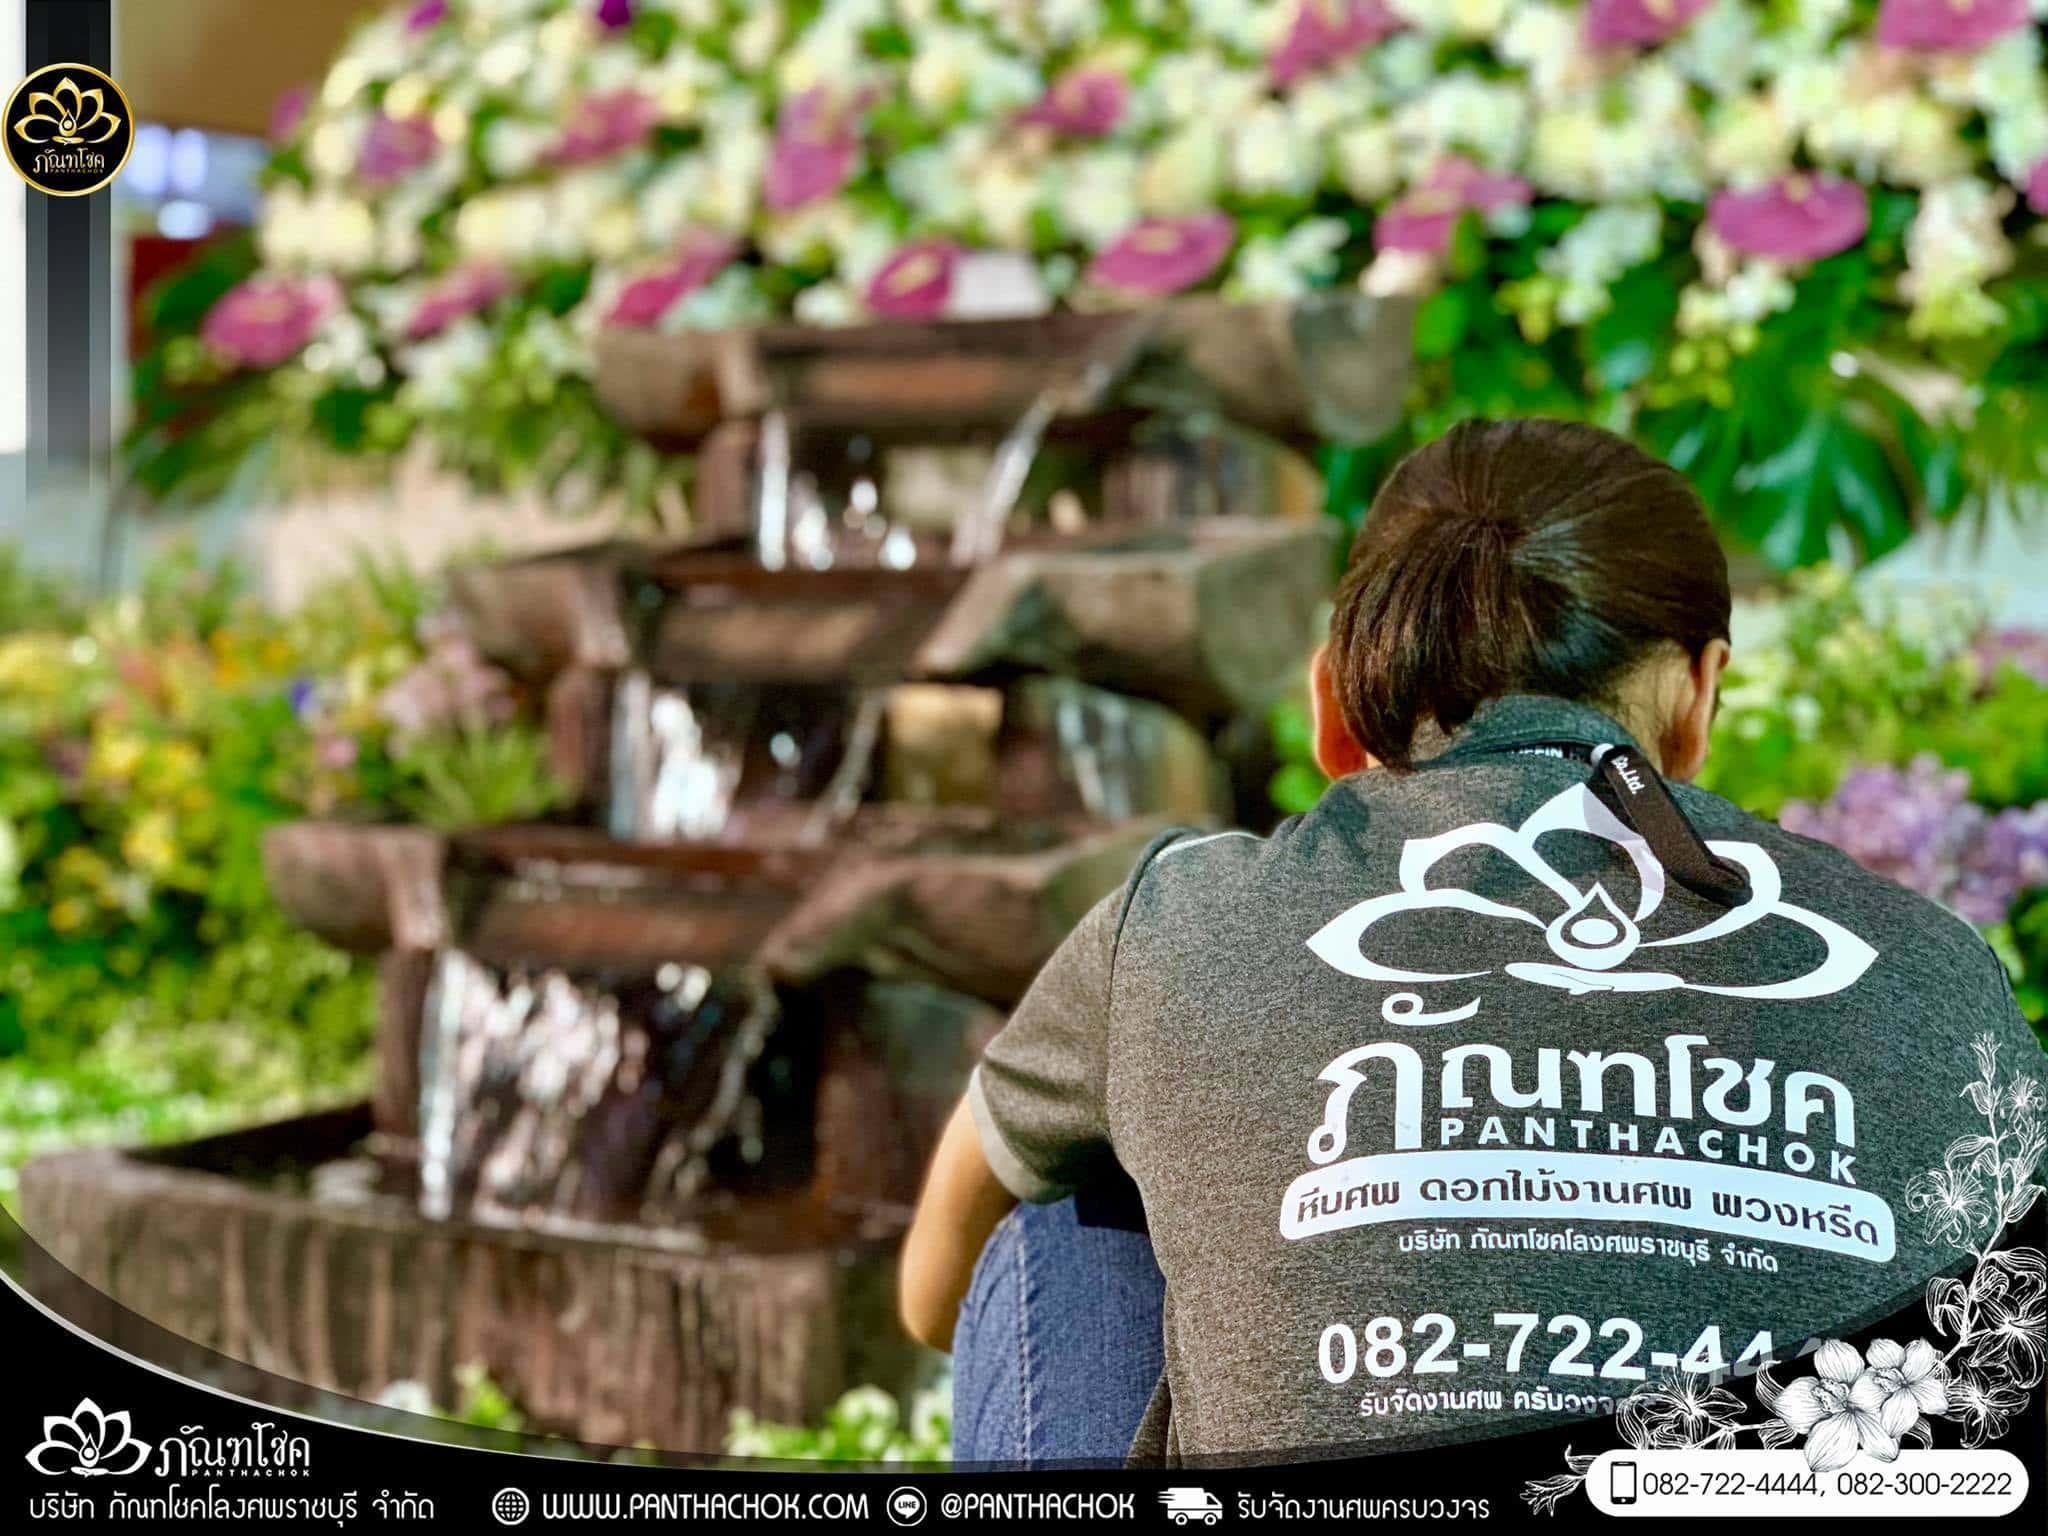 ผู้ให้บริการจัดดอกไม้งานศพ อันดับ 1 ในราชบุรี (ผลงานวัดวันดาว อ.ปากท่อ) 4